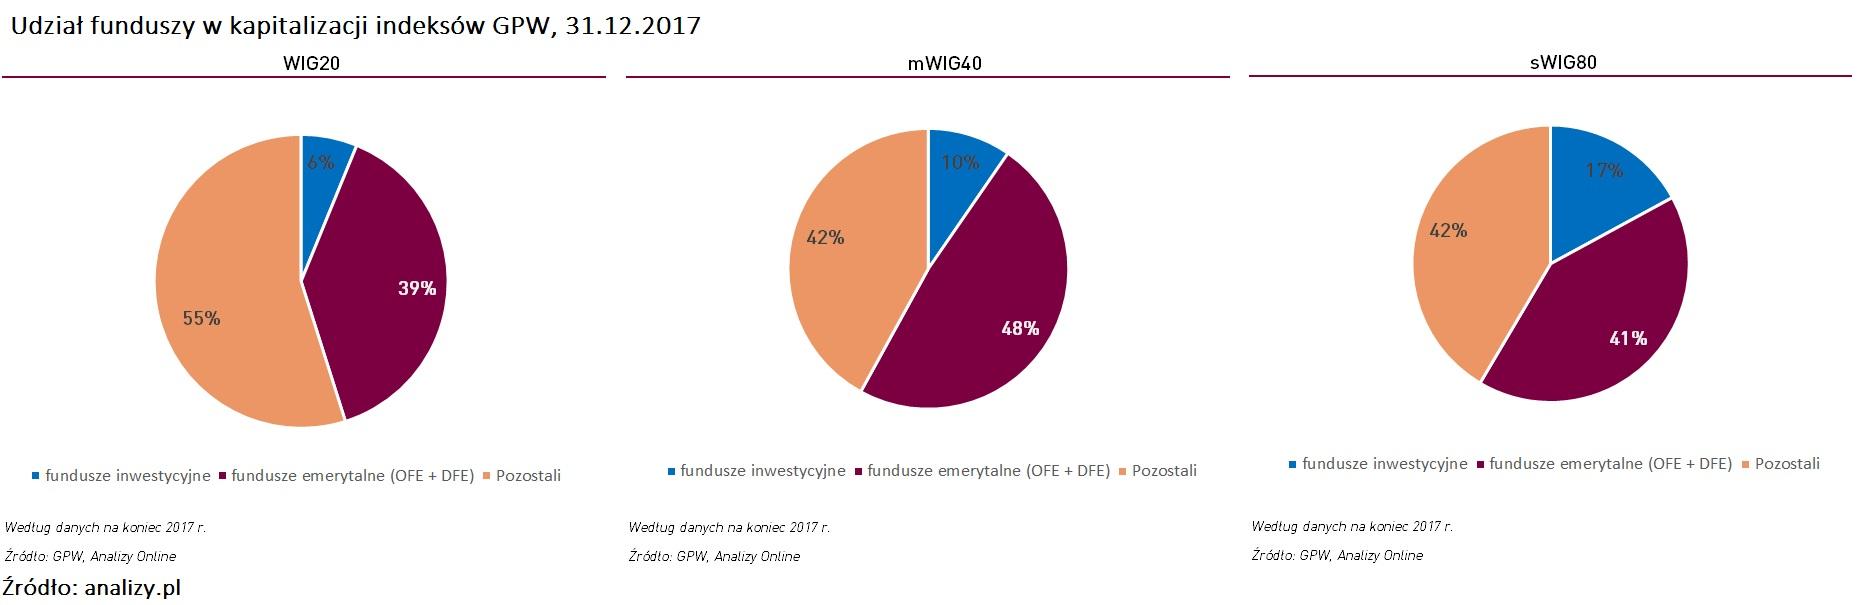 udzial-funduszy-w-indeksach